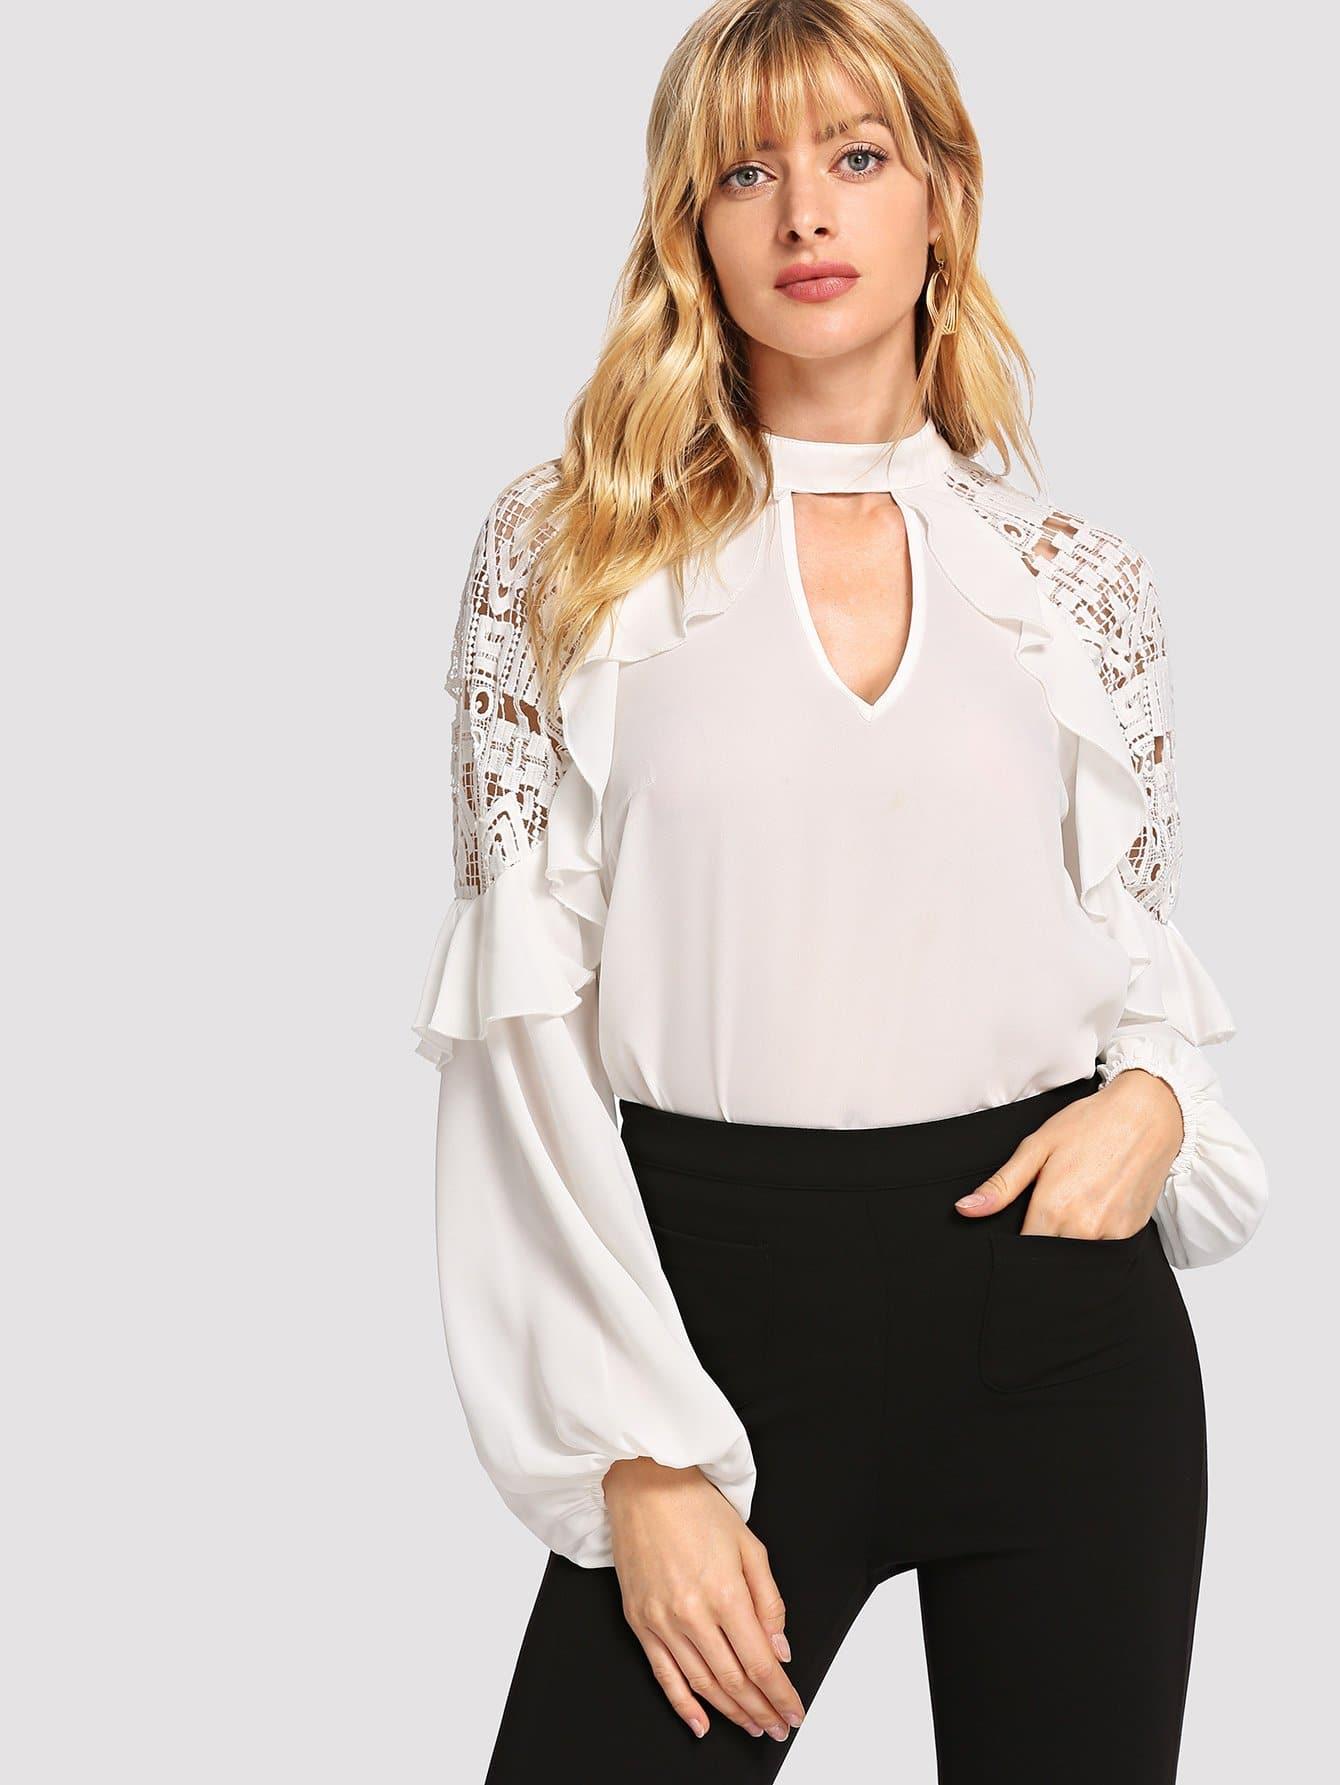 Купить Вставка для шнурка блузка с оборками отделкой, Masha, SheIn